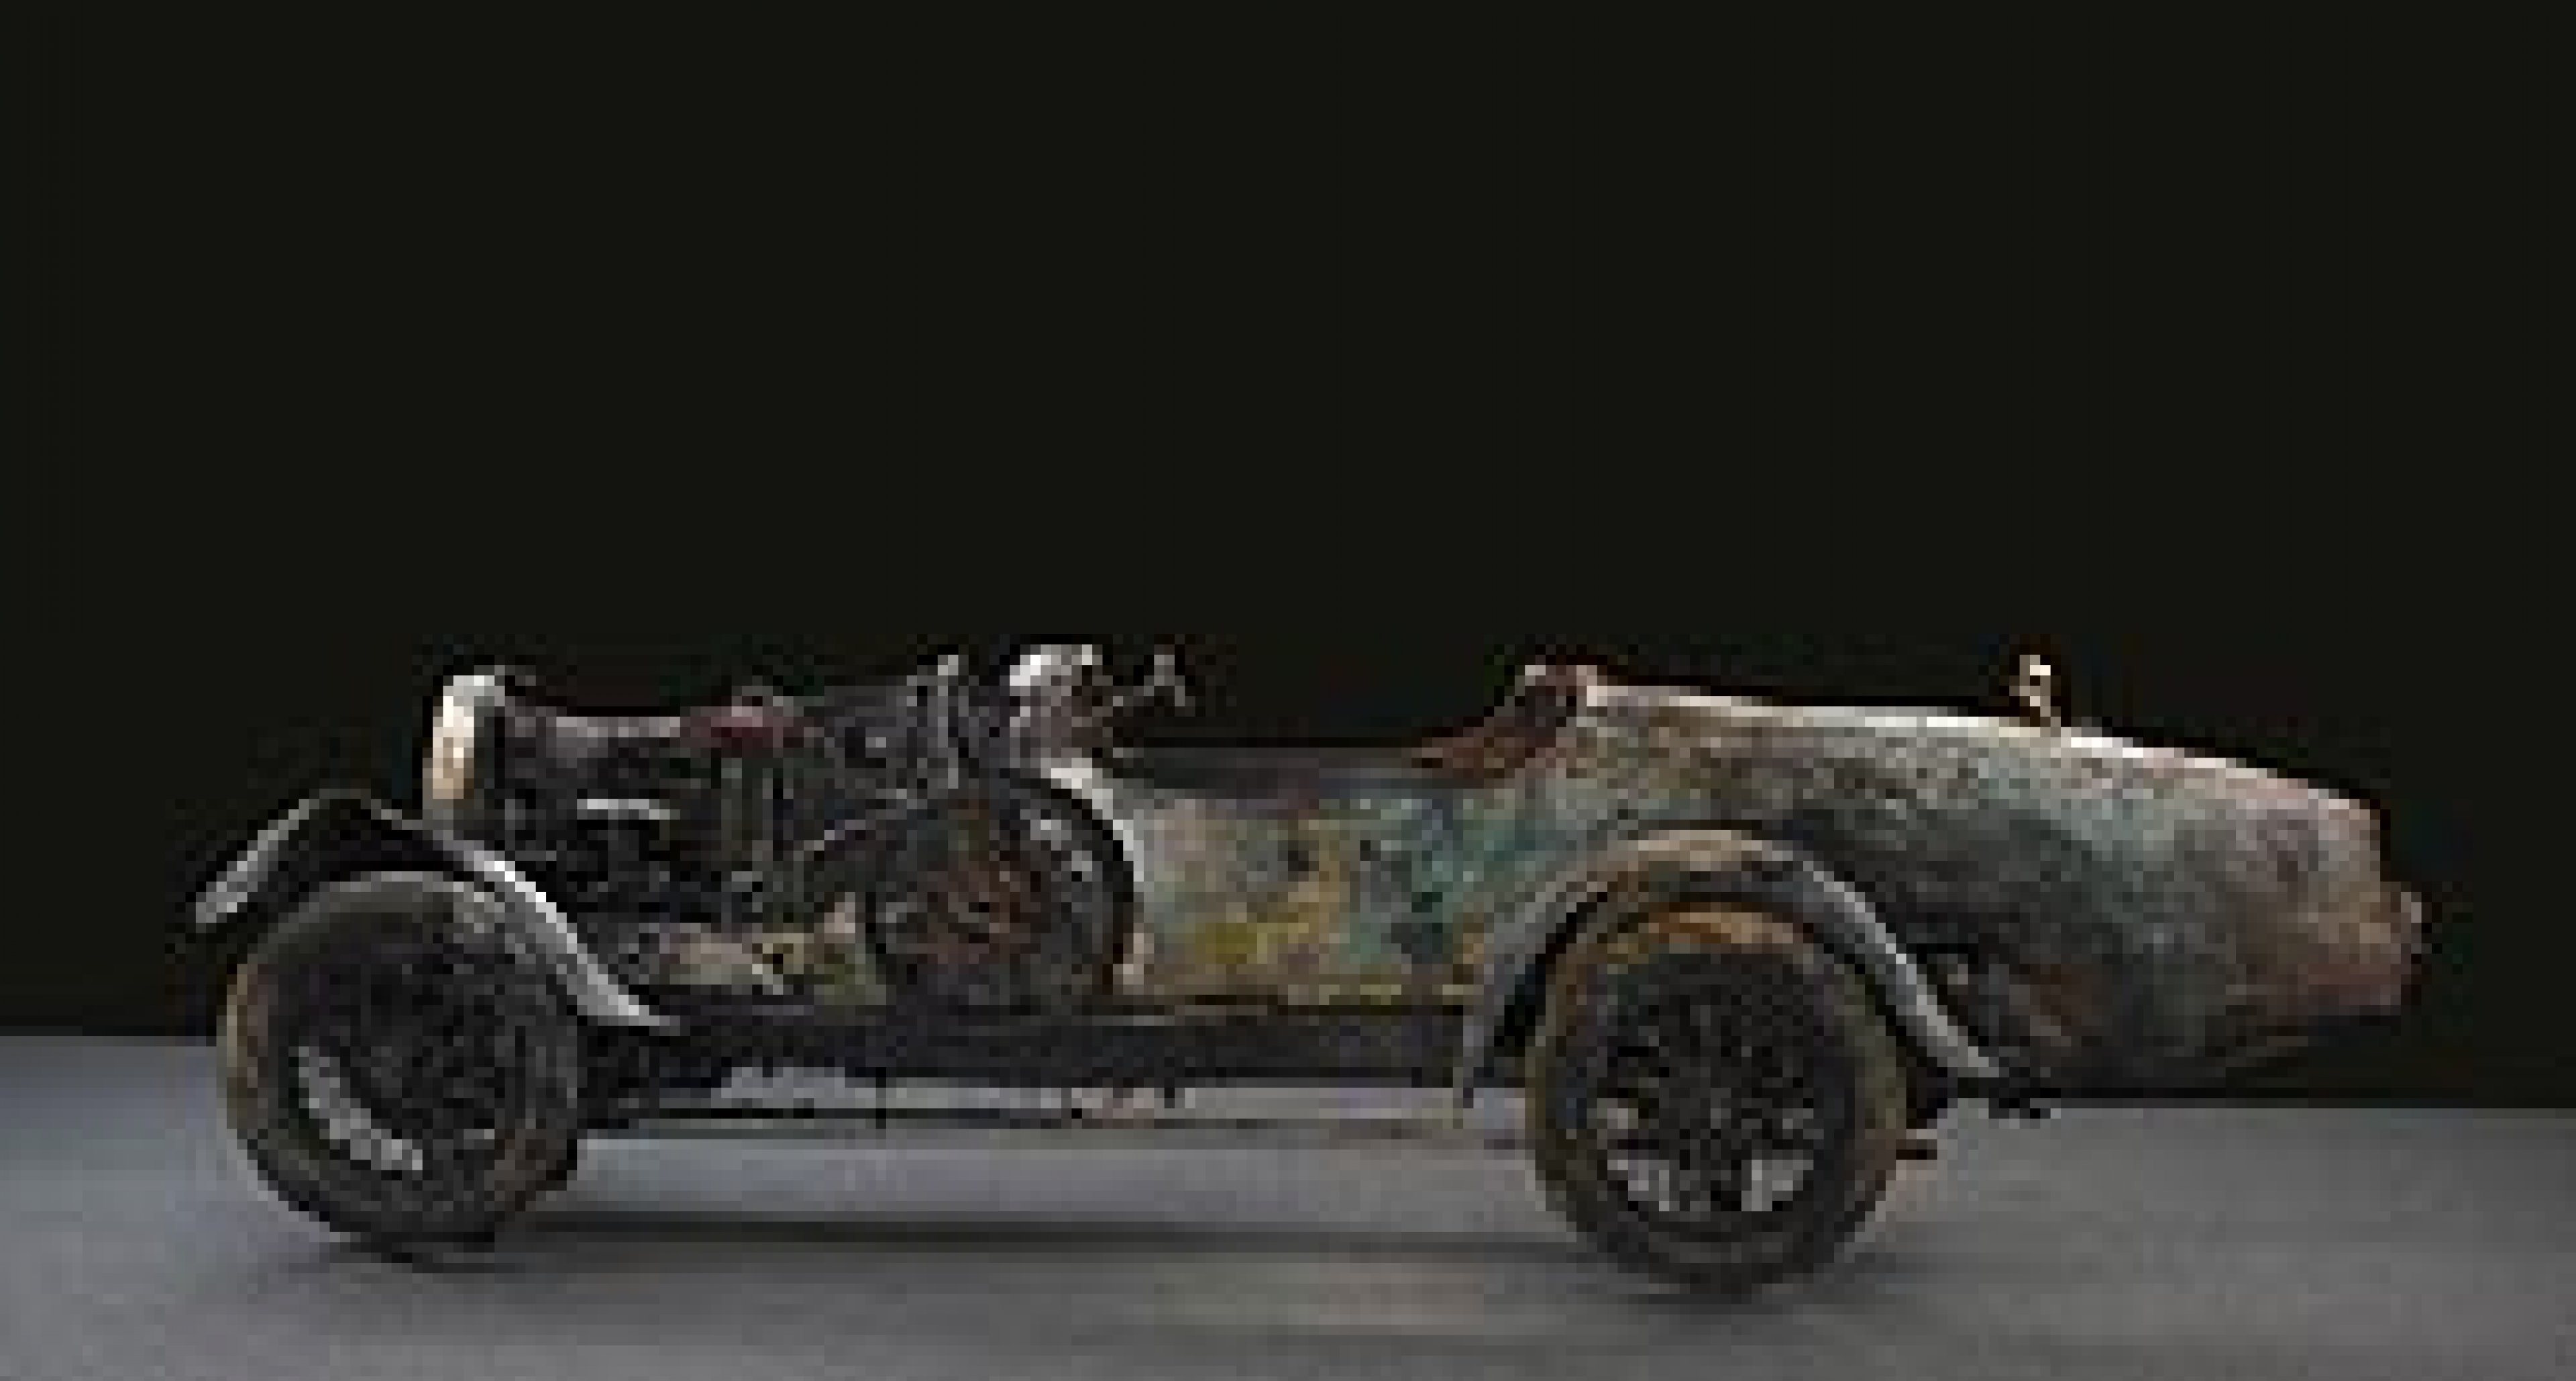 'Lake' Bugatti on Display